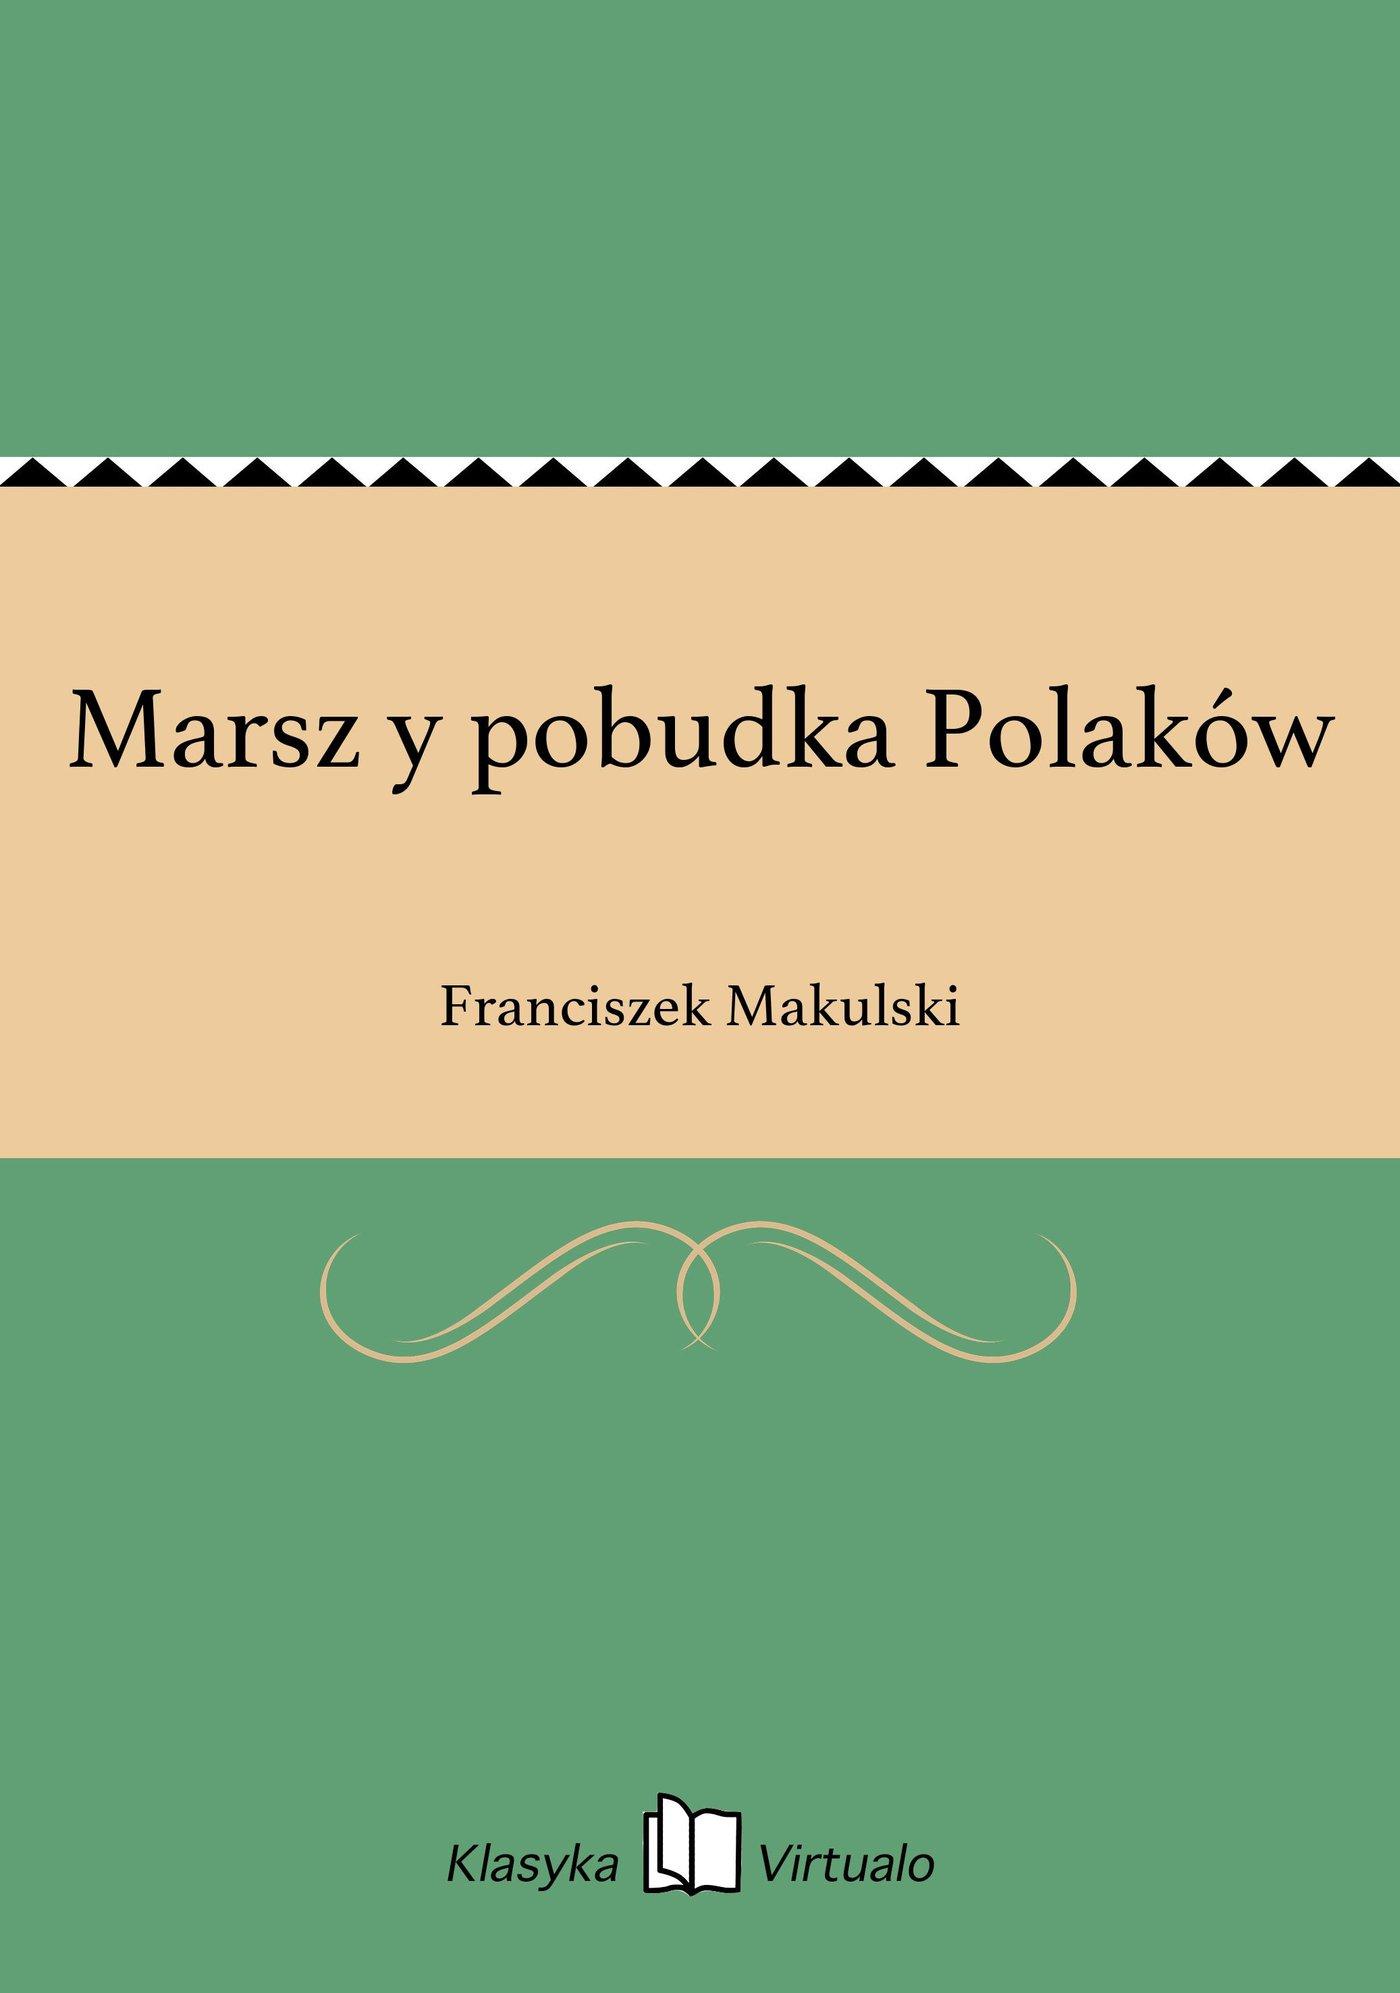 Marsz y pobudka Polaków - Ebook (Książka EPUB) do pobrania w formacie EPUB